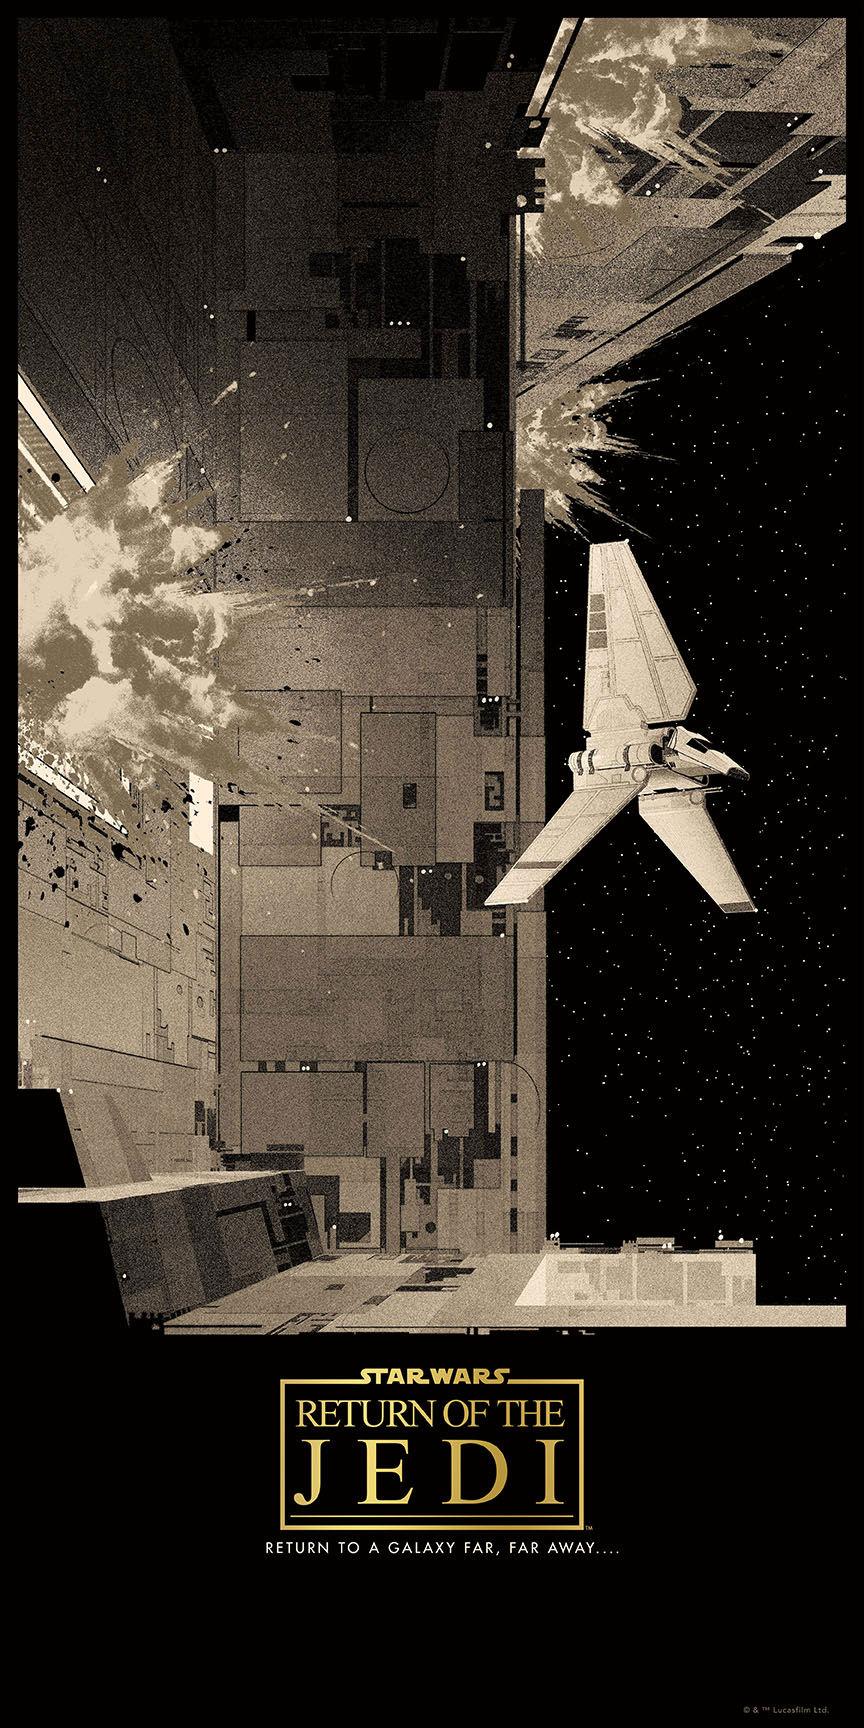 sensational-original-star-wars-trilogy-art-by-matt-ferguson7